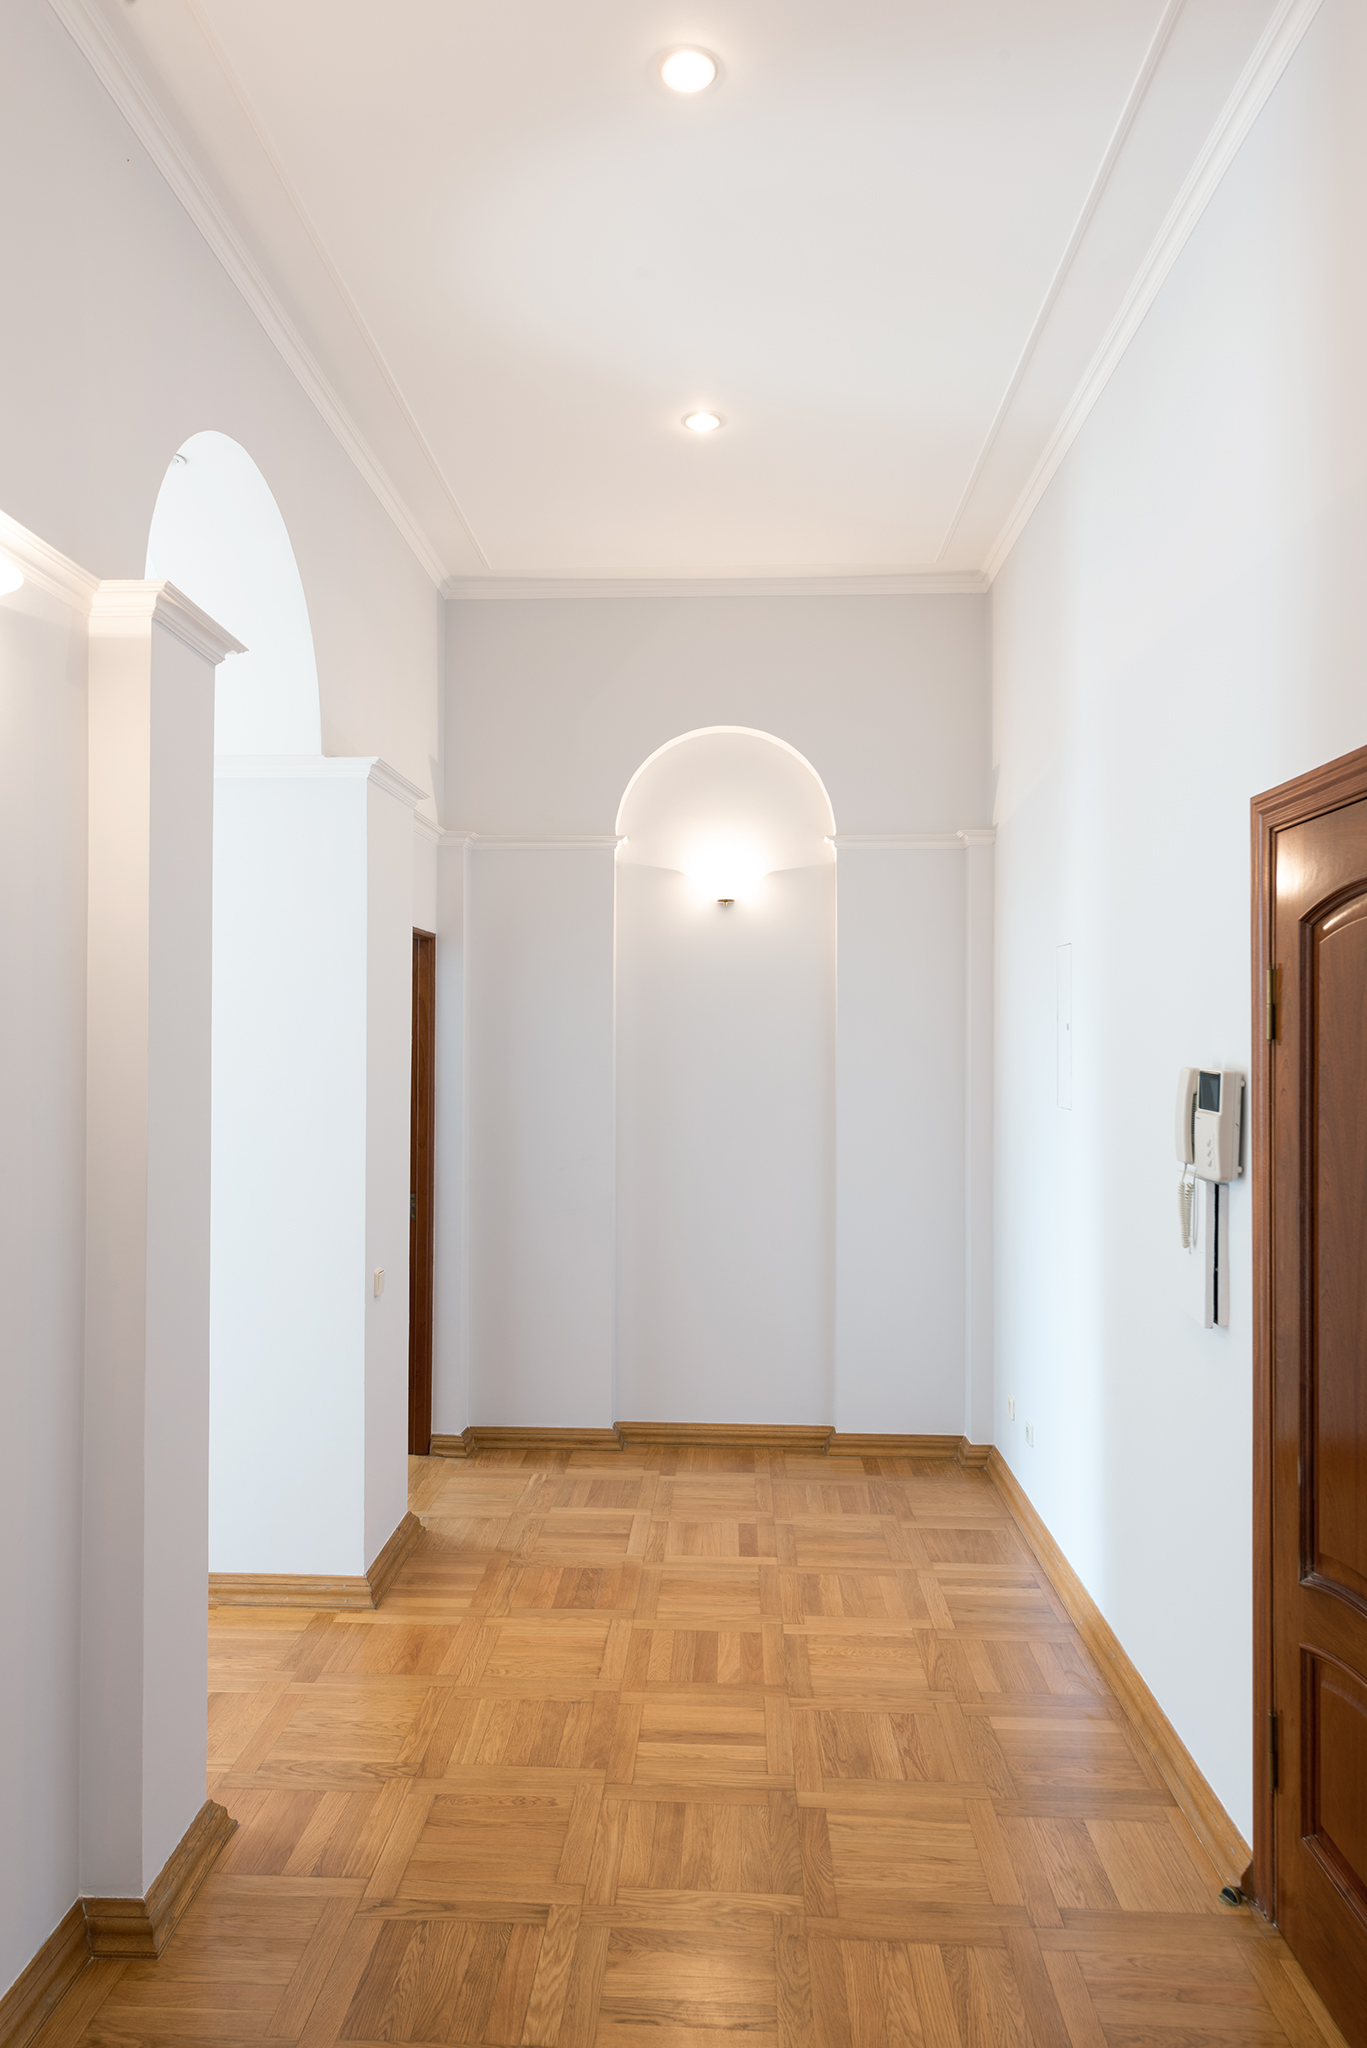 Investissement Immobilier Kiev, Ukraine - Hall d'entrée